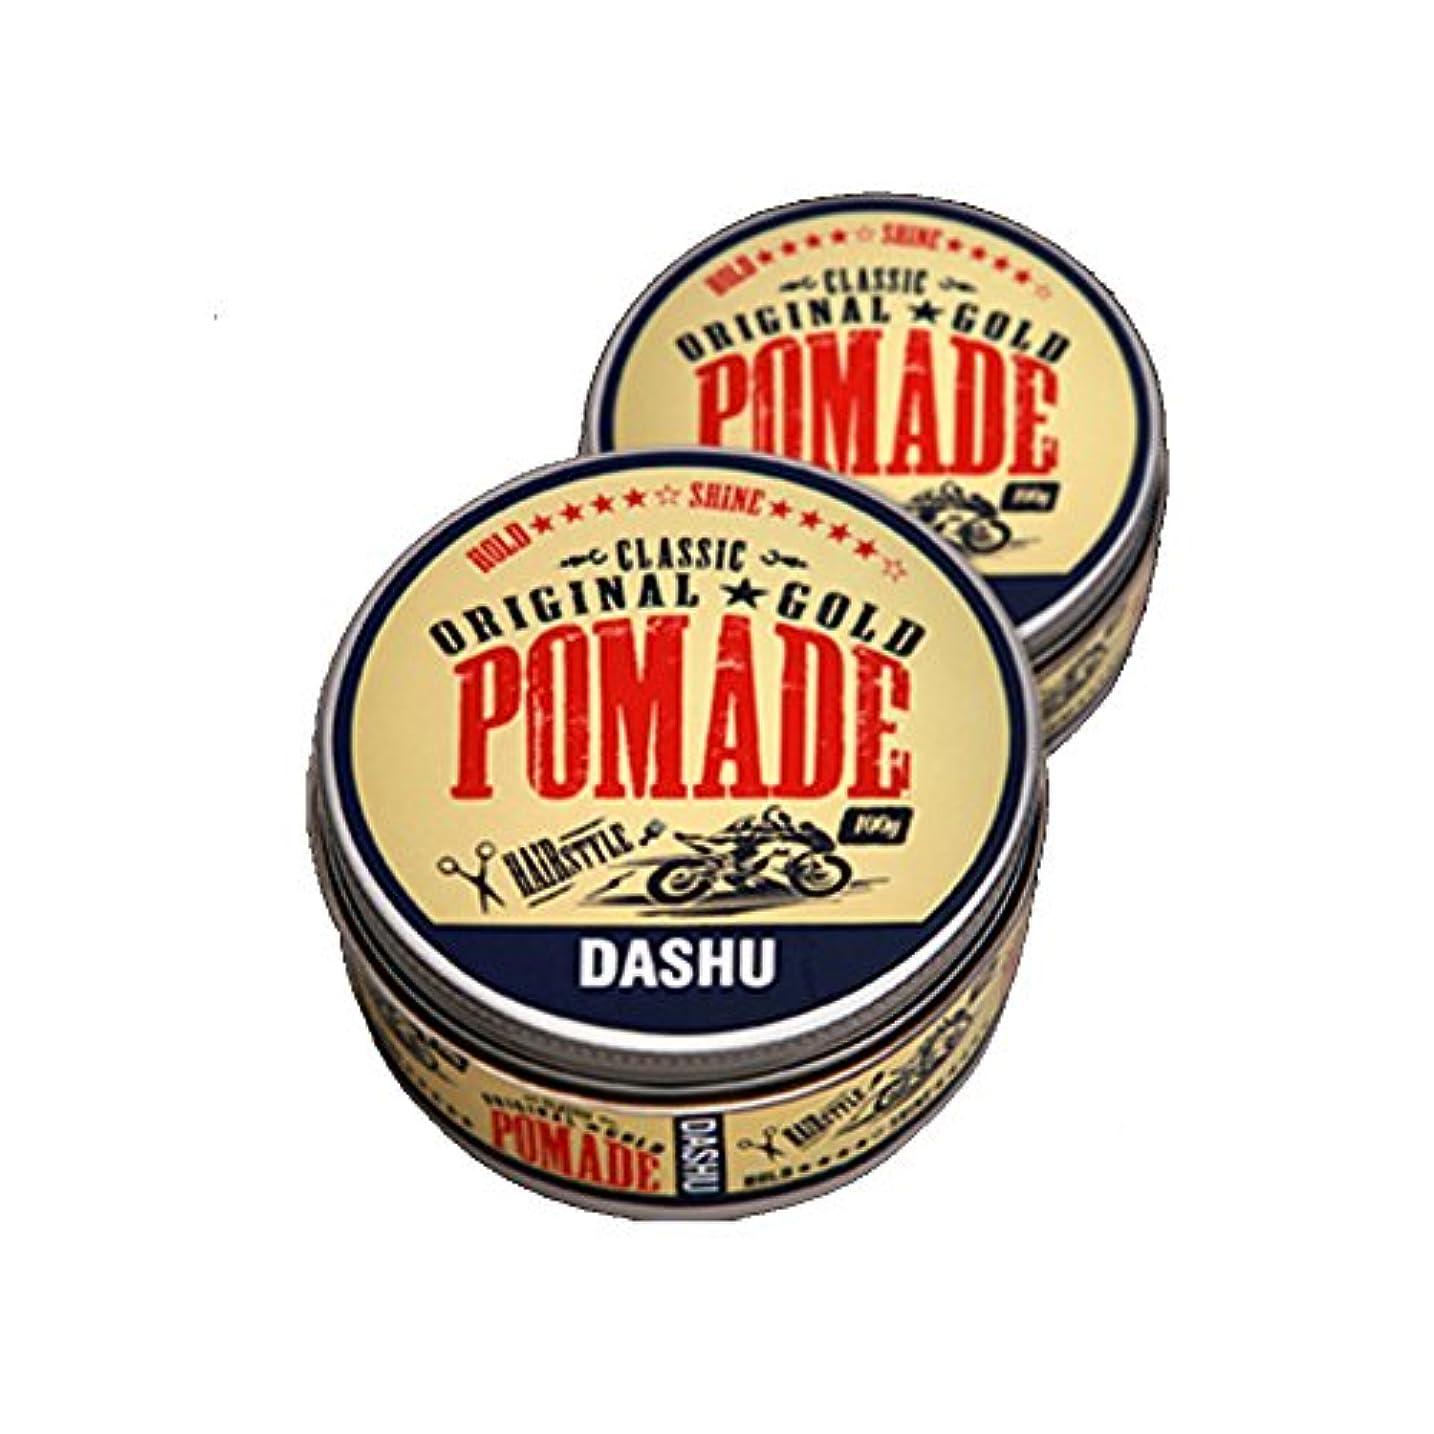 ファンド祝うノベルティ(2個セット) x [DASHU] ダシュ クラシックオリジナルゴールドポマードヘアワックス Classic Original Gold Pomade Hair Wax 100ml / 韓国製 . 韓国直送品